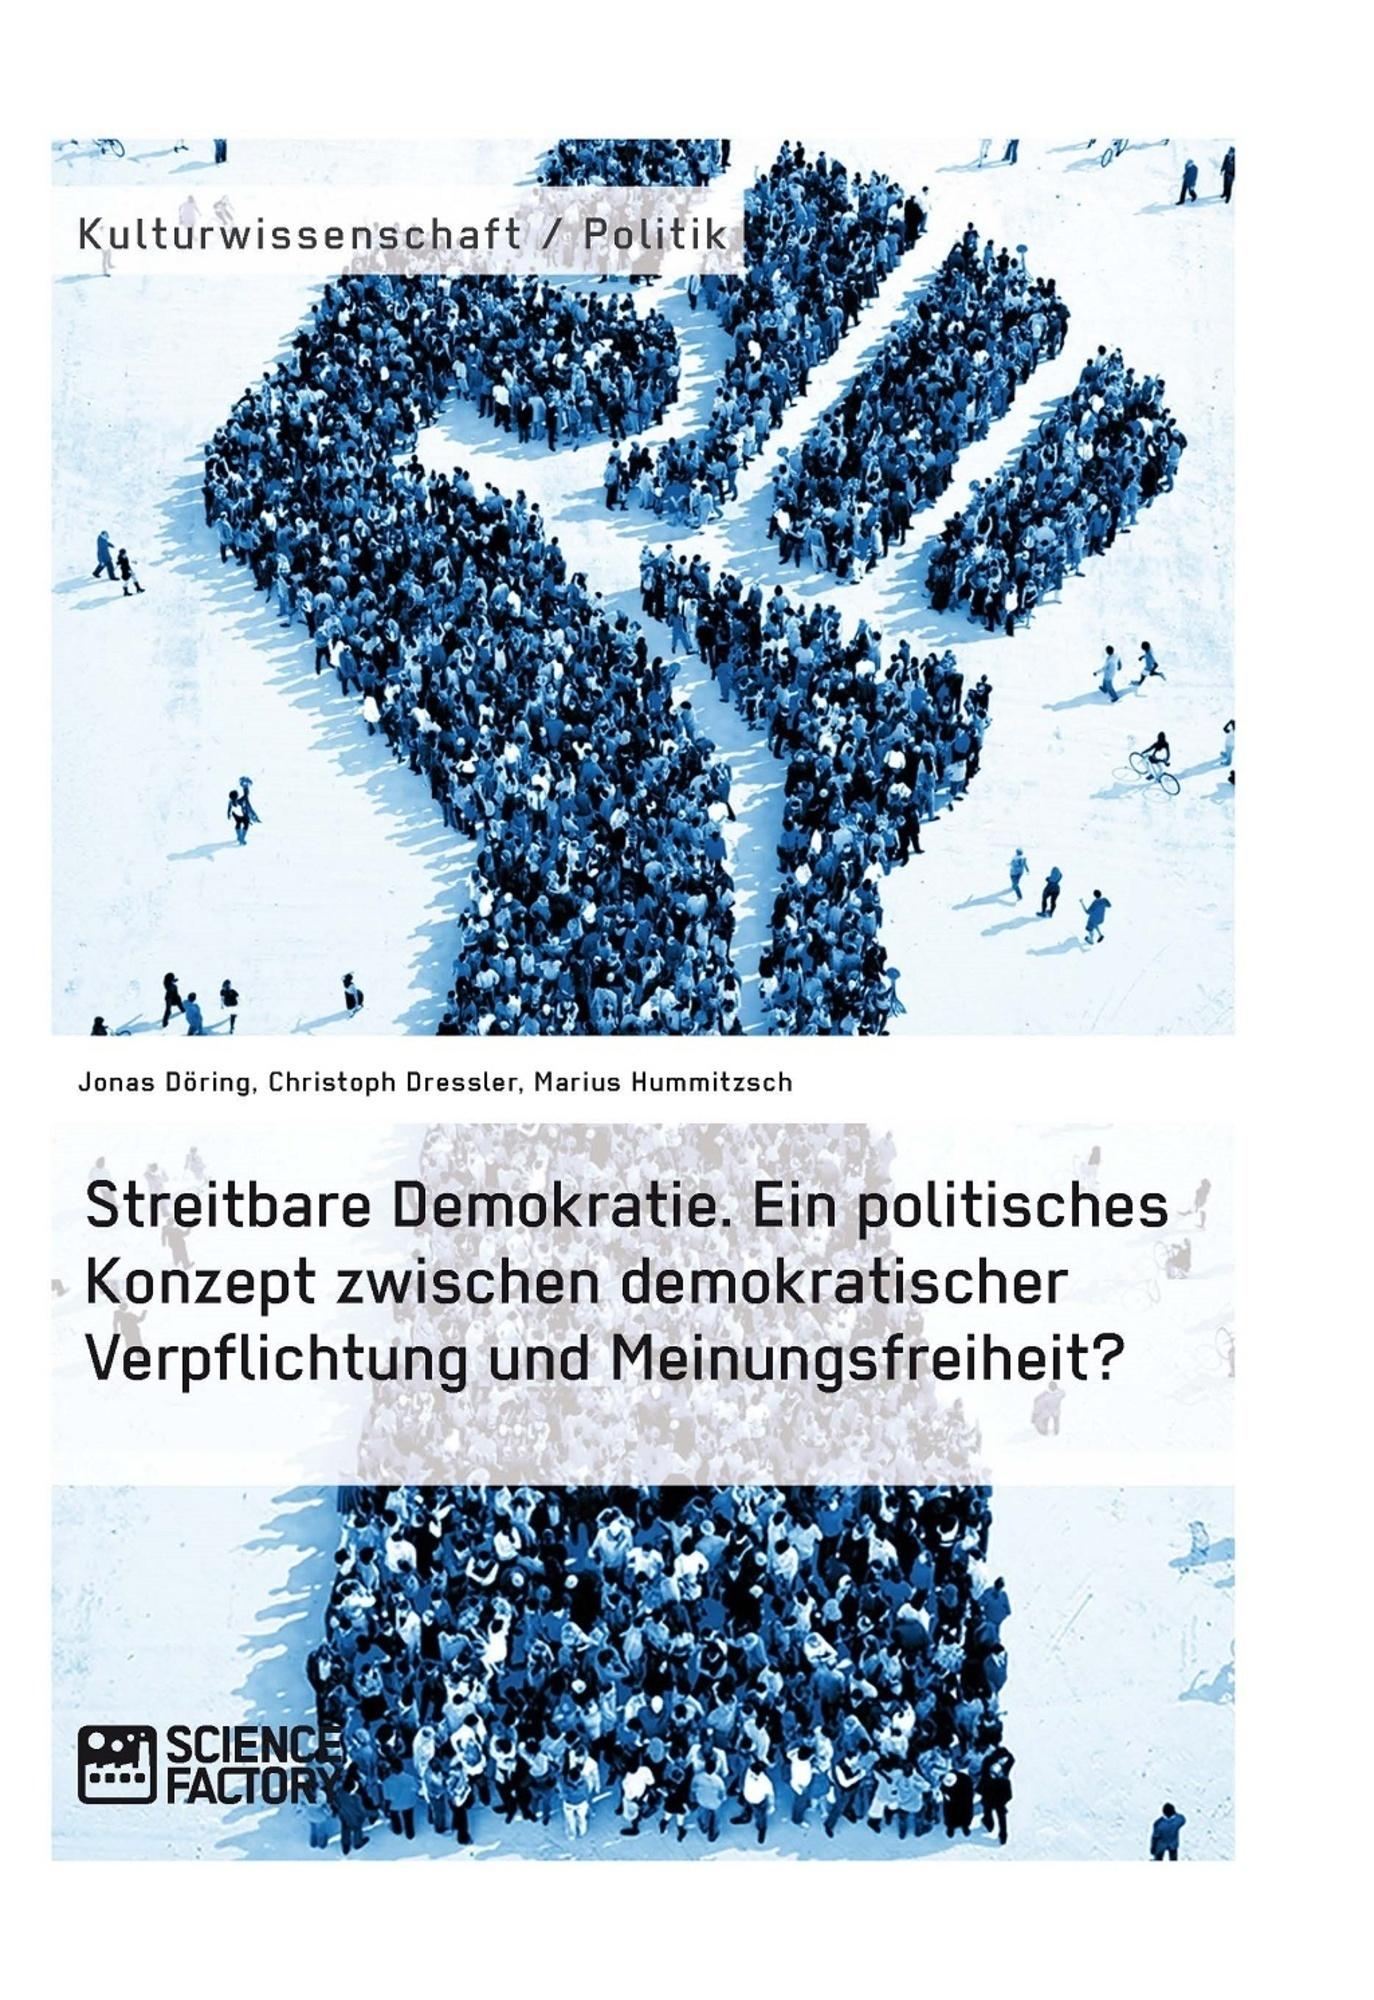 Titel: Streitbare Demokratie. Ein politisches Konzept zwischen demokratischer Verpflichtung und Meinungsfreiheit?